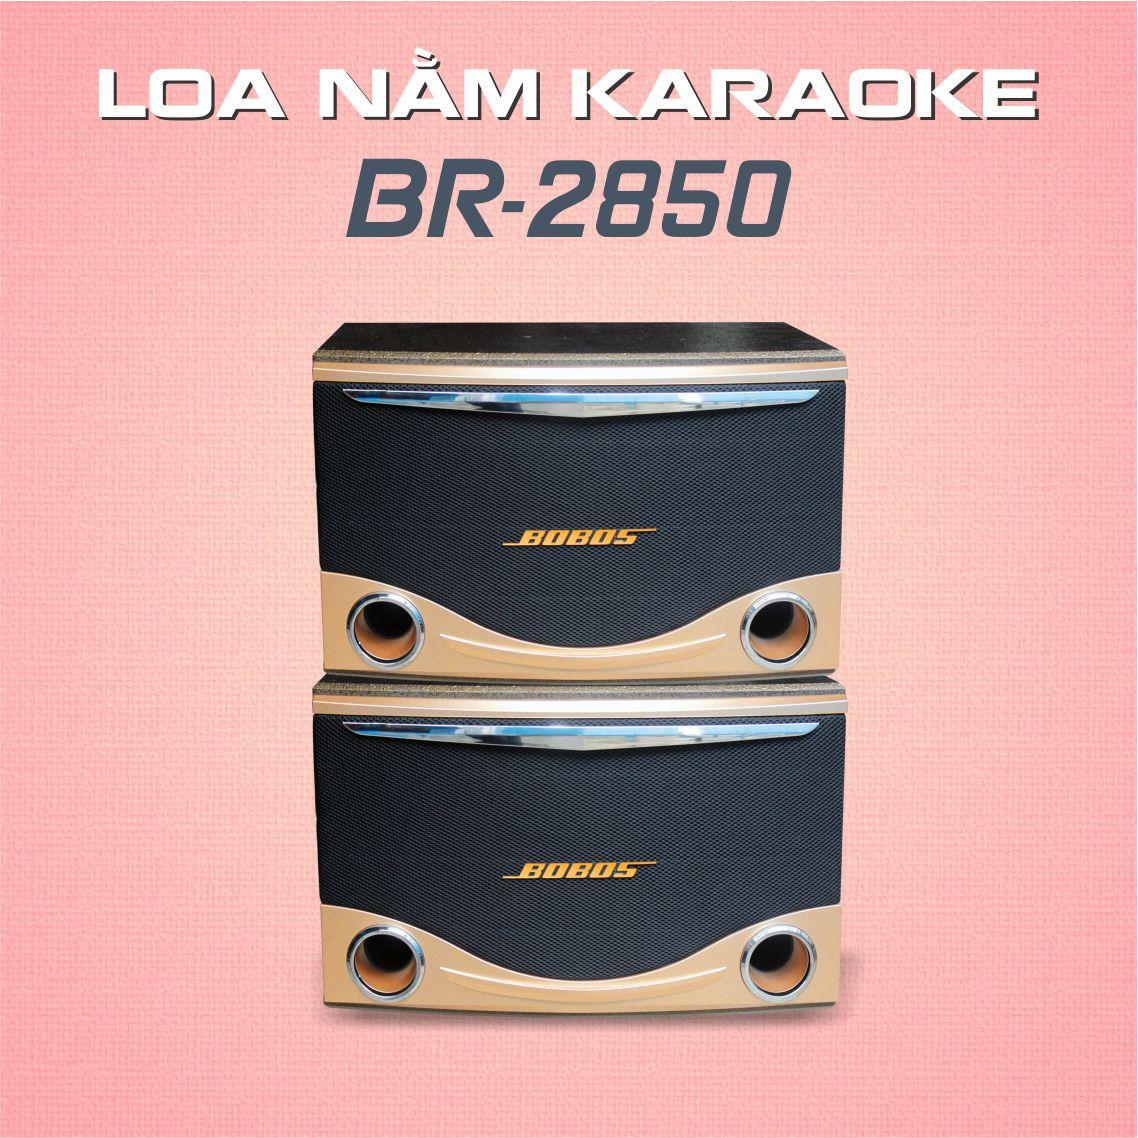 LOA NẰM KARAOKE VÀ NGHE NHẠC BOBOS BR-2850 (Hàng chính hãng) - Loa karaoke